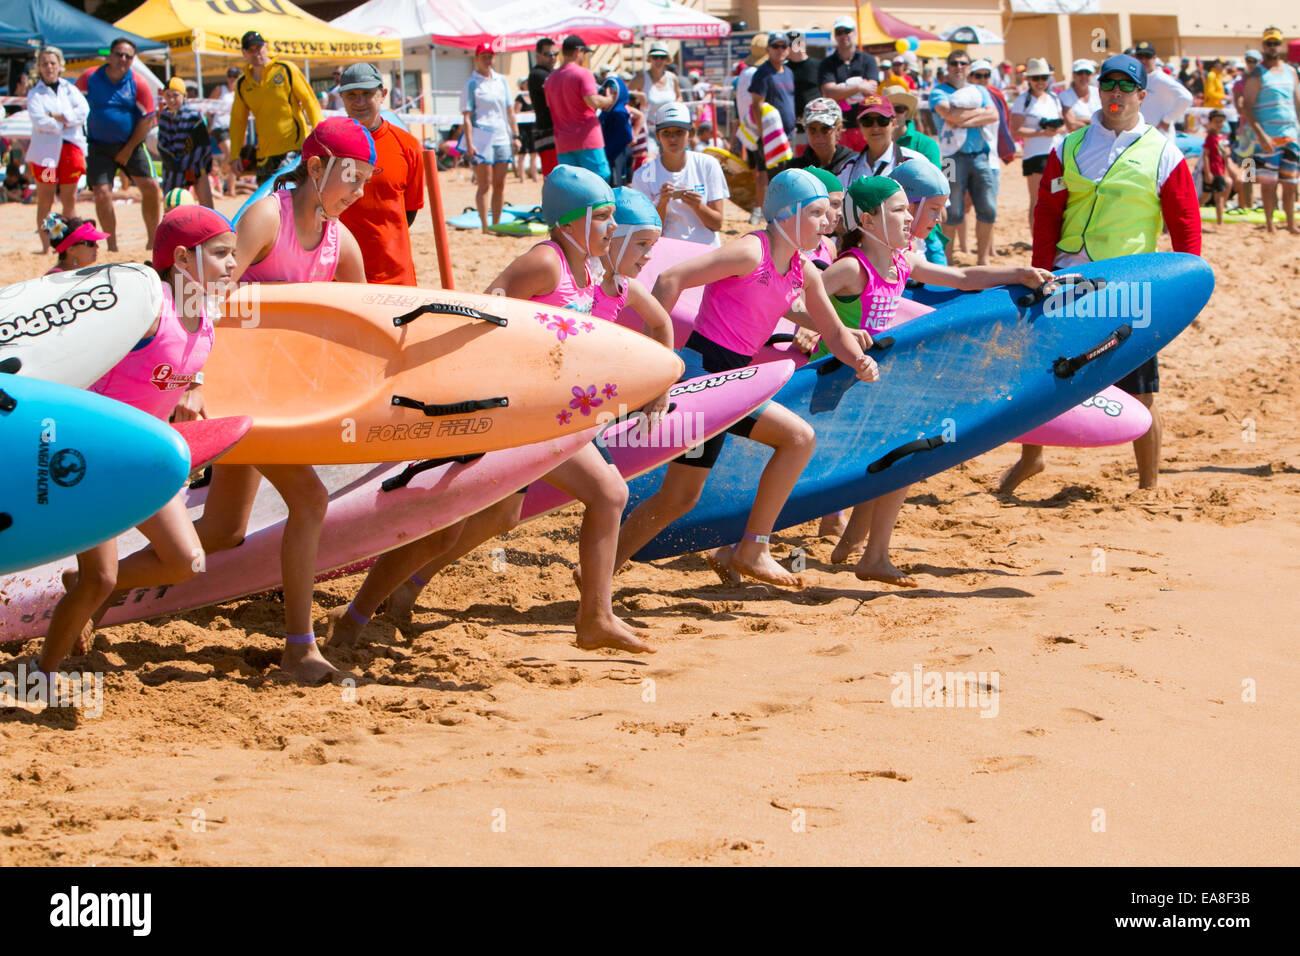 Junior e bambini da sydney nord spiagge surf club a Newport Beach per il surf life saving carnevale concorso,Sydney Immagini Stock